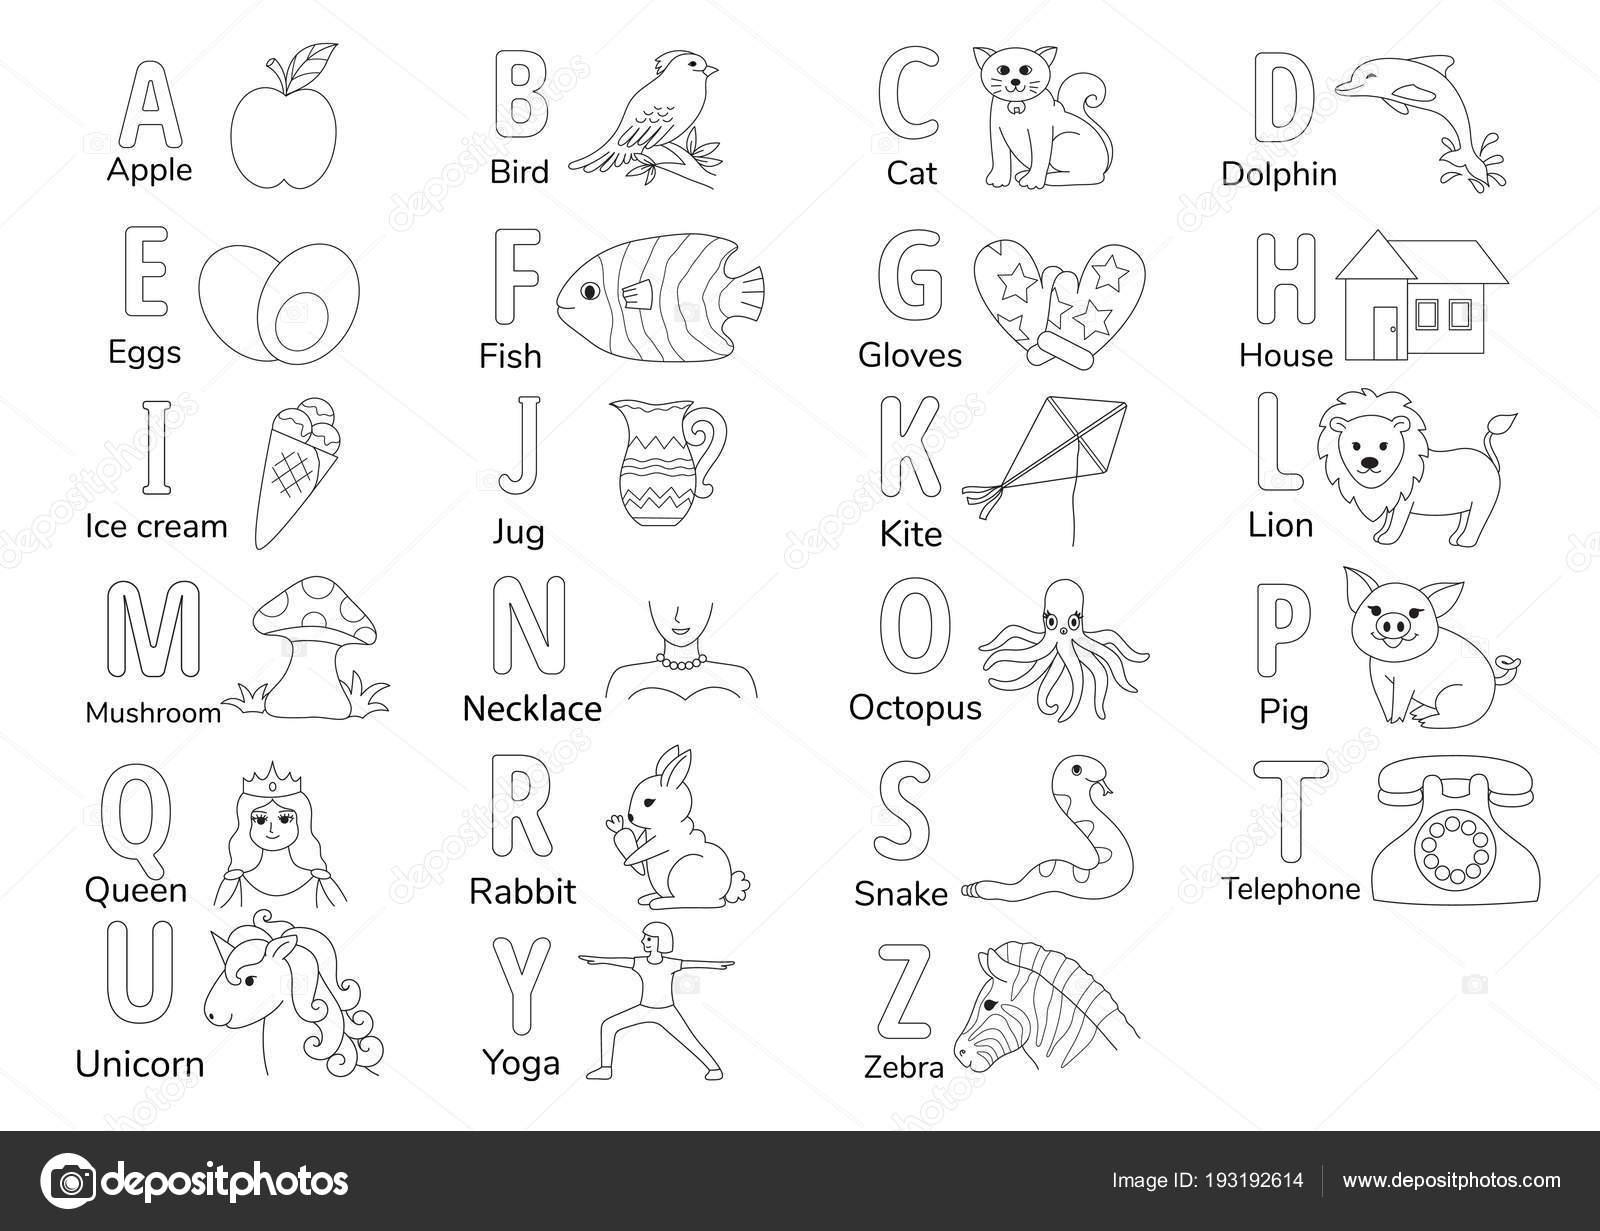 Bezbarwny Alfabetów Rysunek Dla Kolorowanki Książki Dla